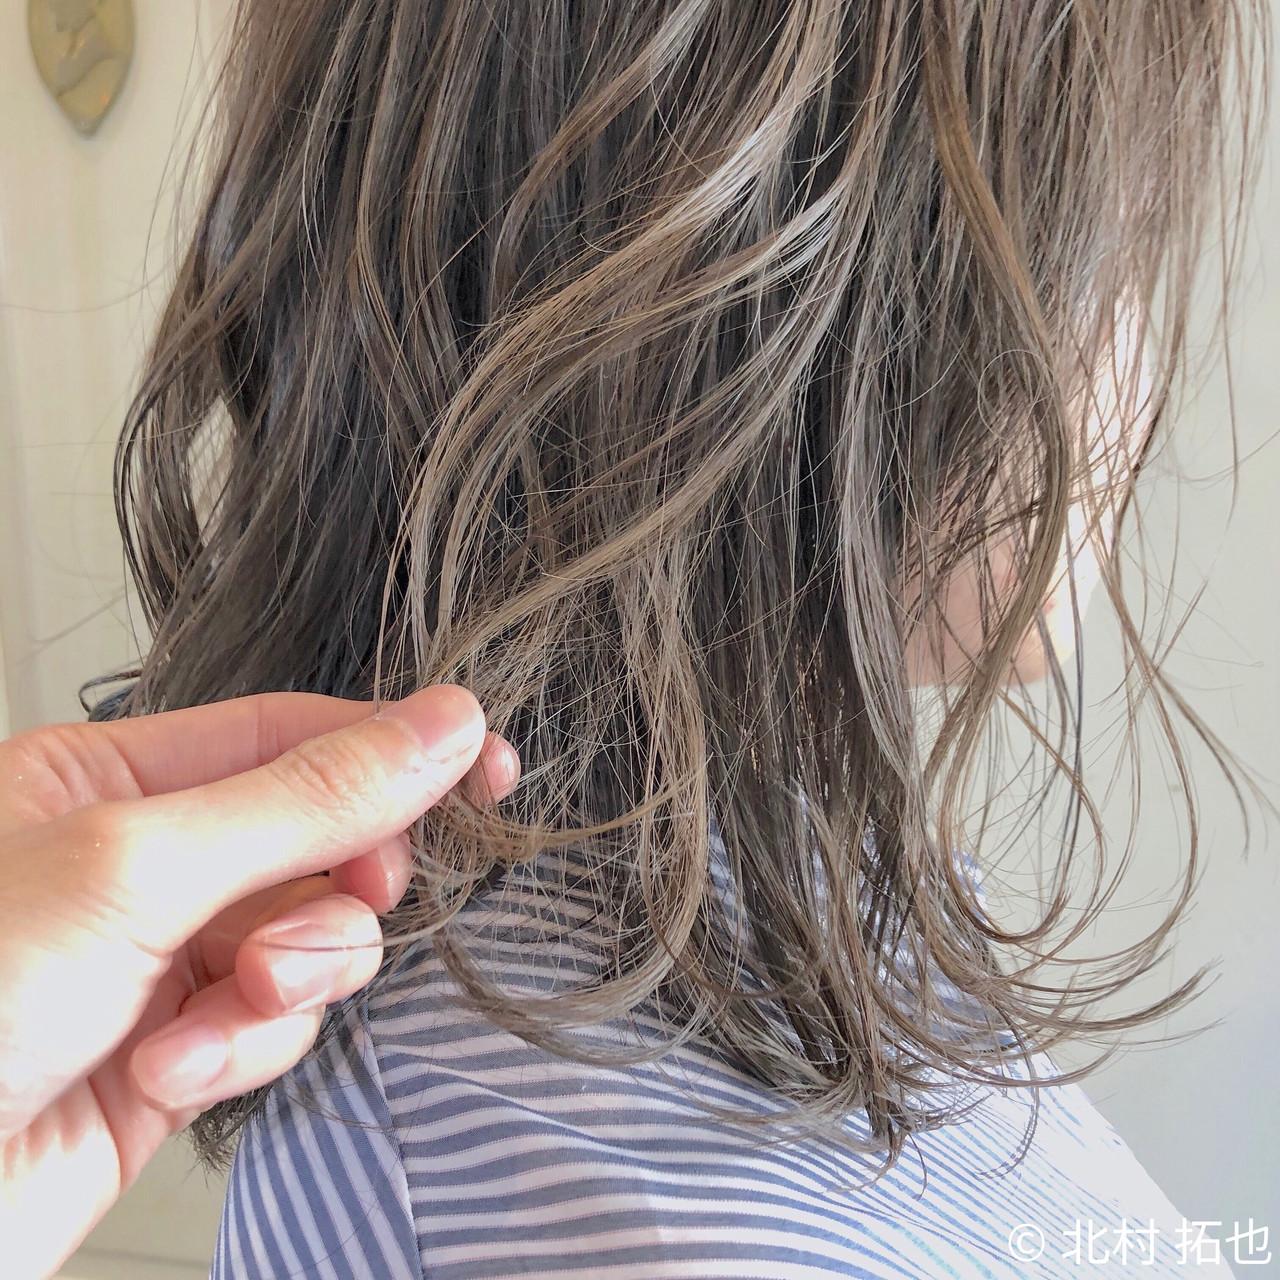 ミディアム ゆるウェーブ 透明感カラー 極細ハイライト ヘアスタイルや髪型の写真・画像